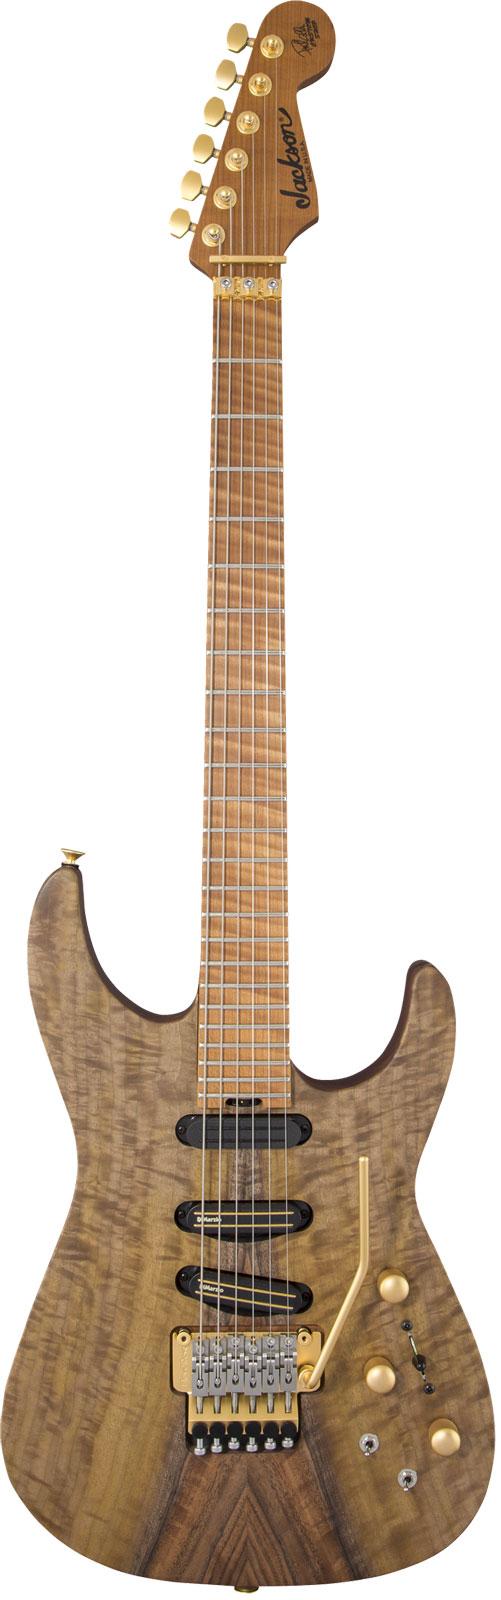 Jackson Guitars Jcs Usa Sig Ltd Pc1 Walnut